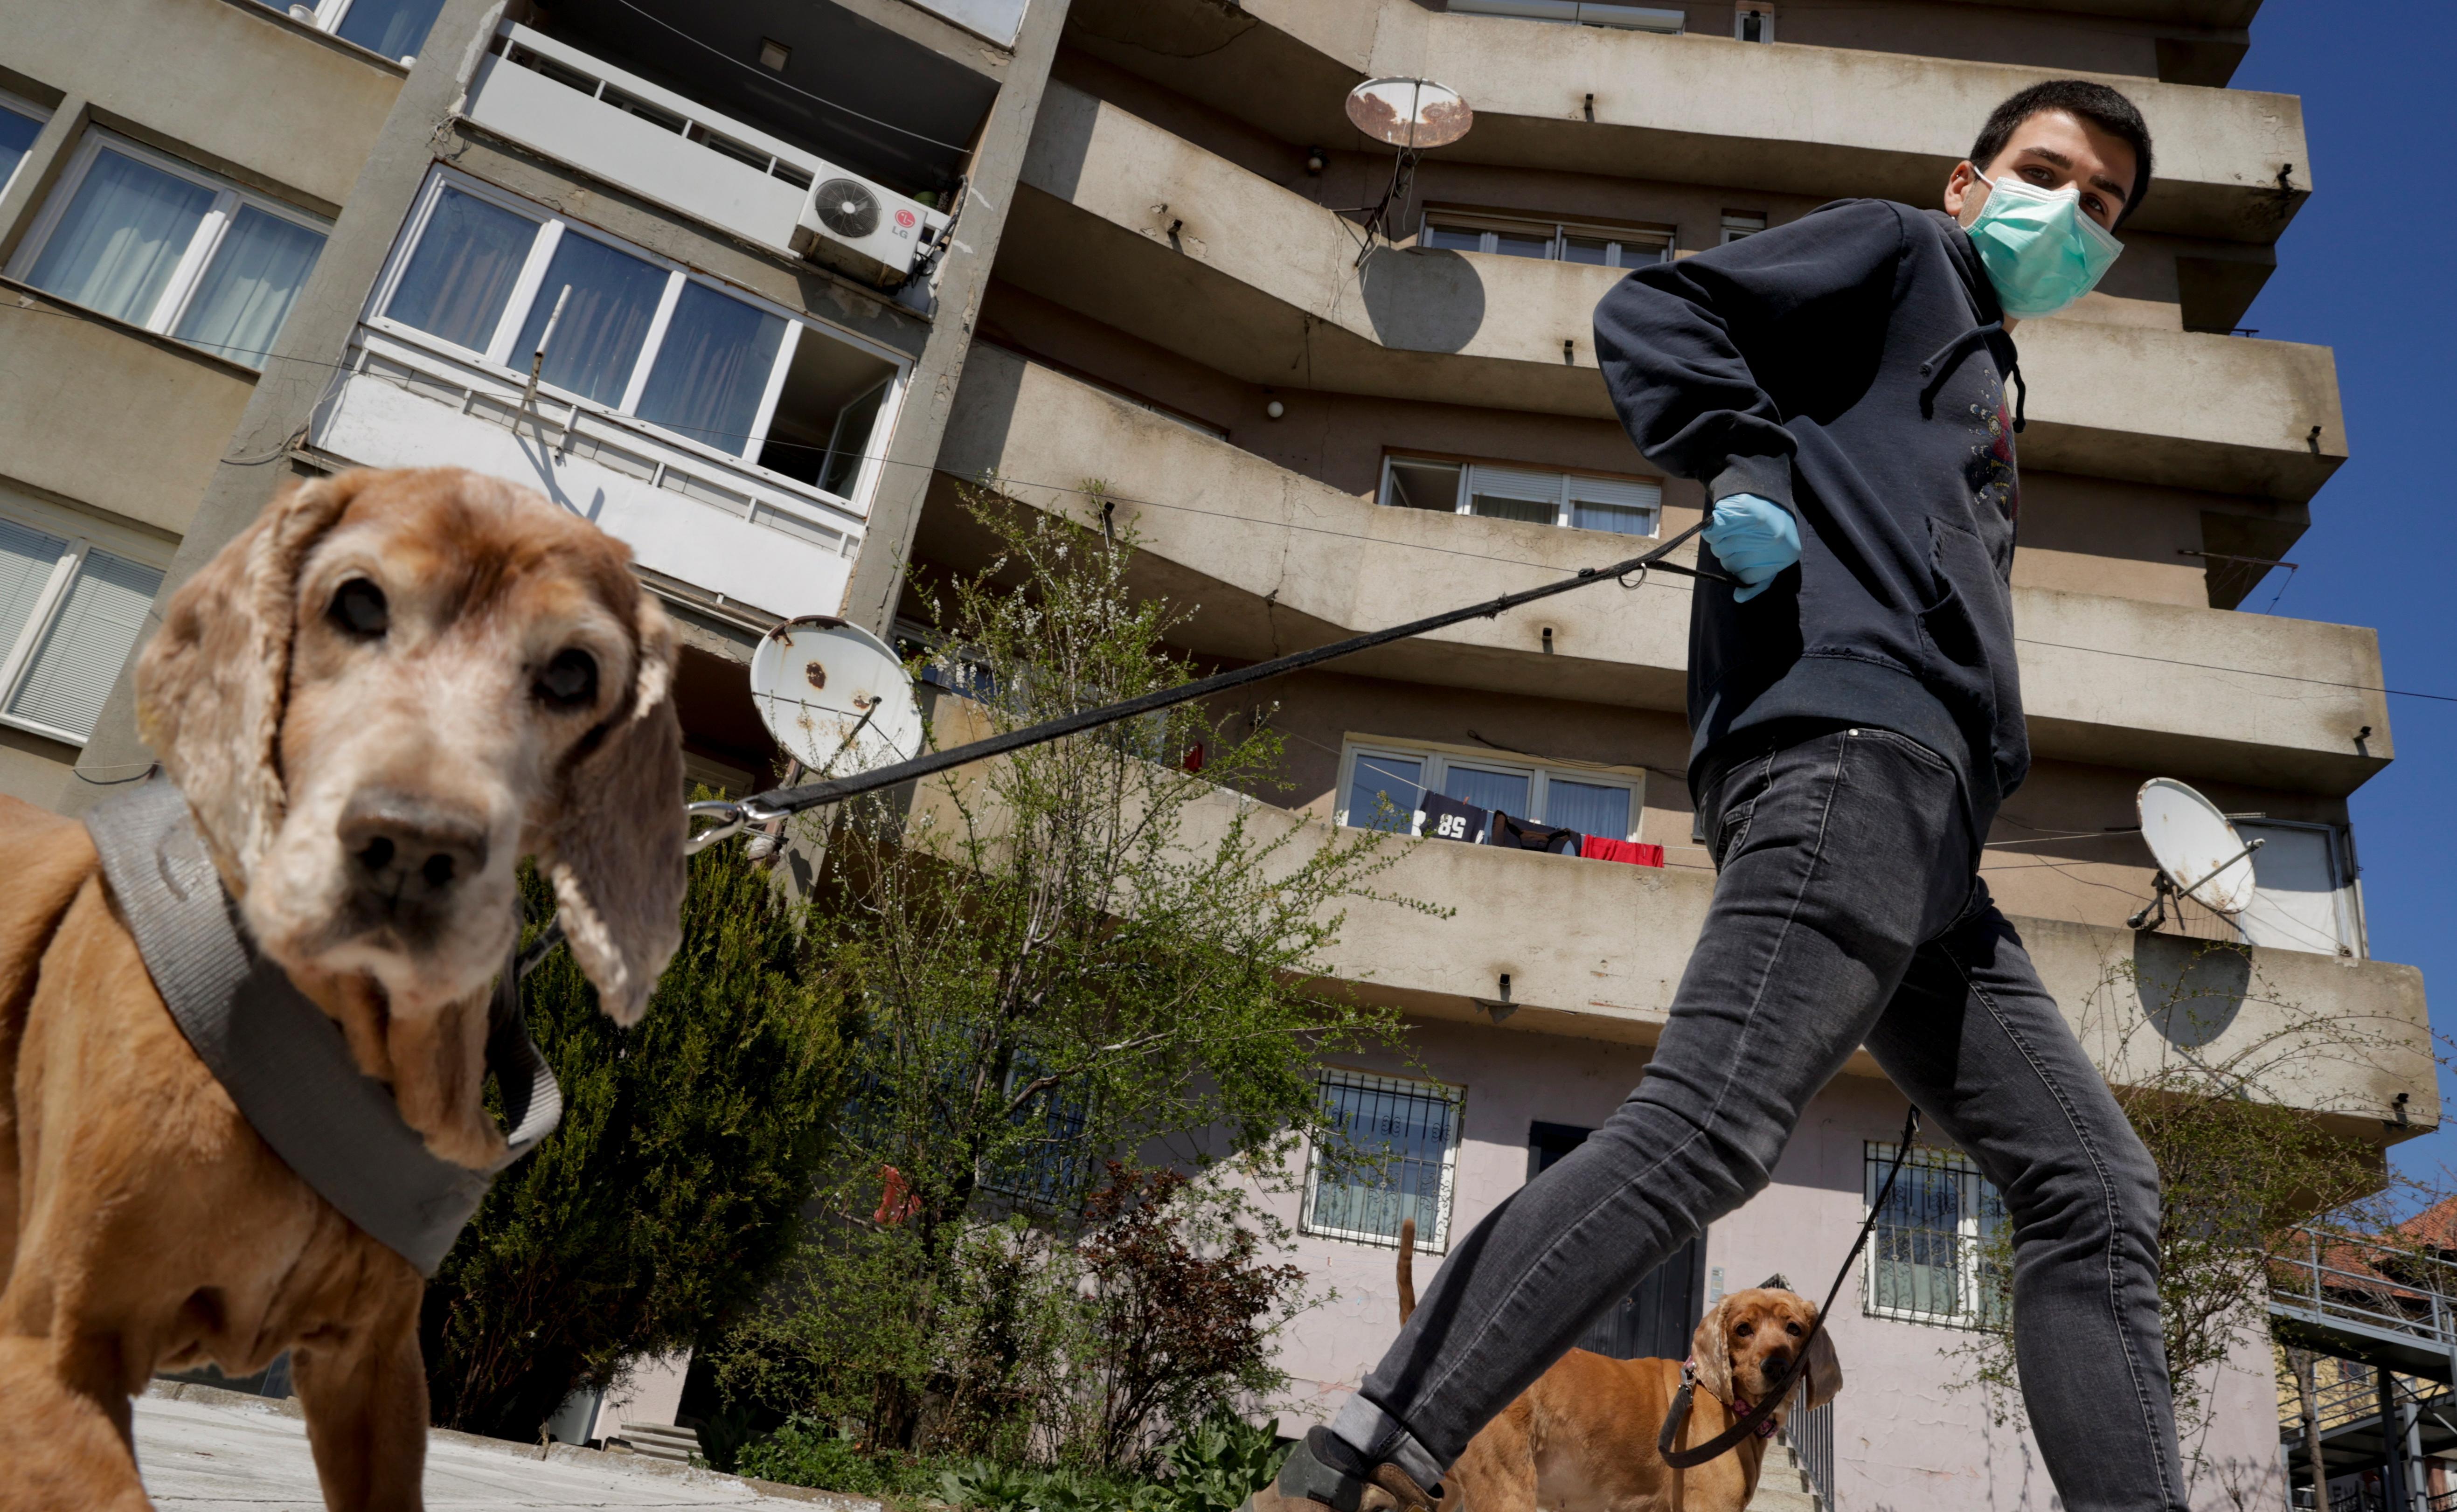 Фото © ТАСС / EPA / VALDRIN XHEMAJ